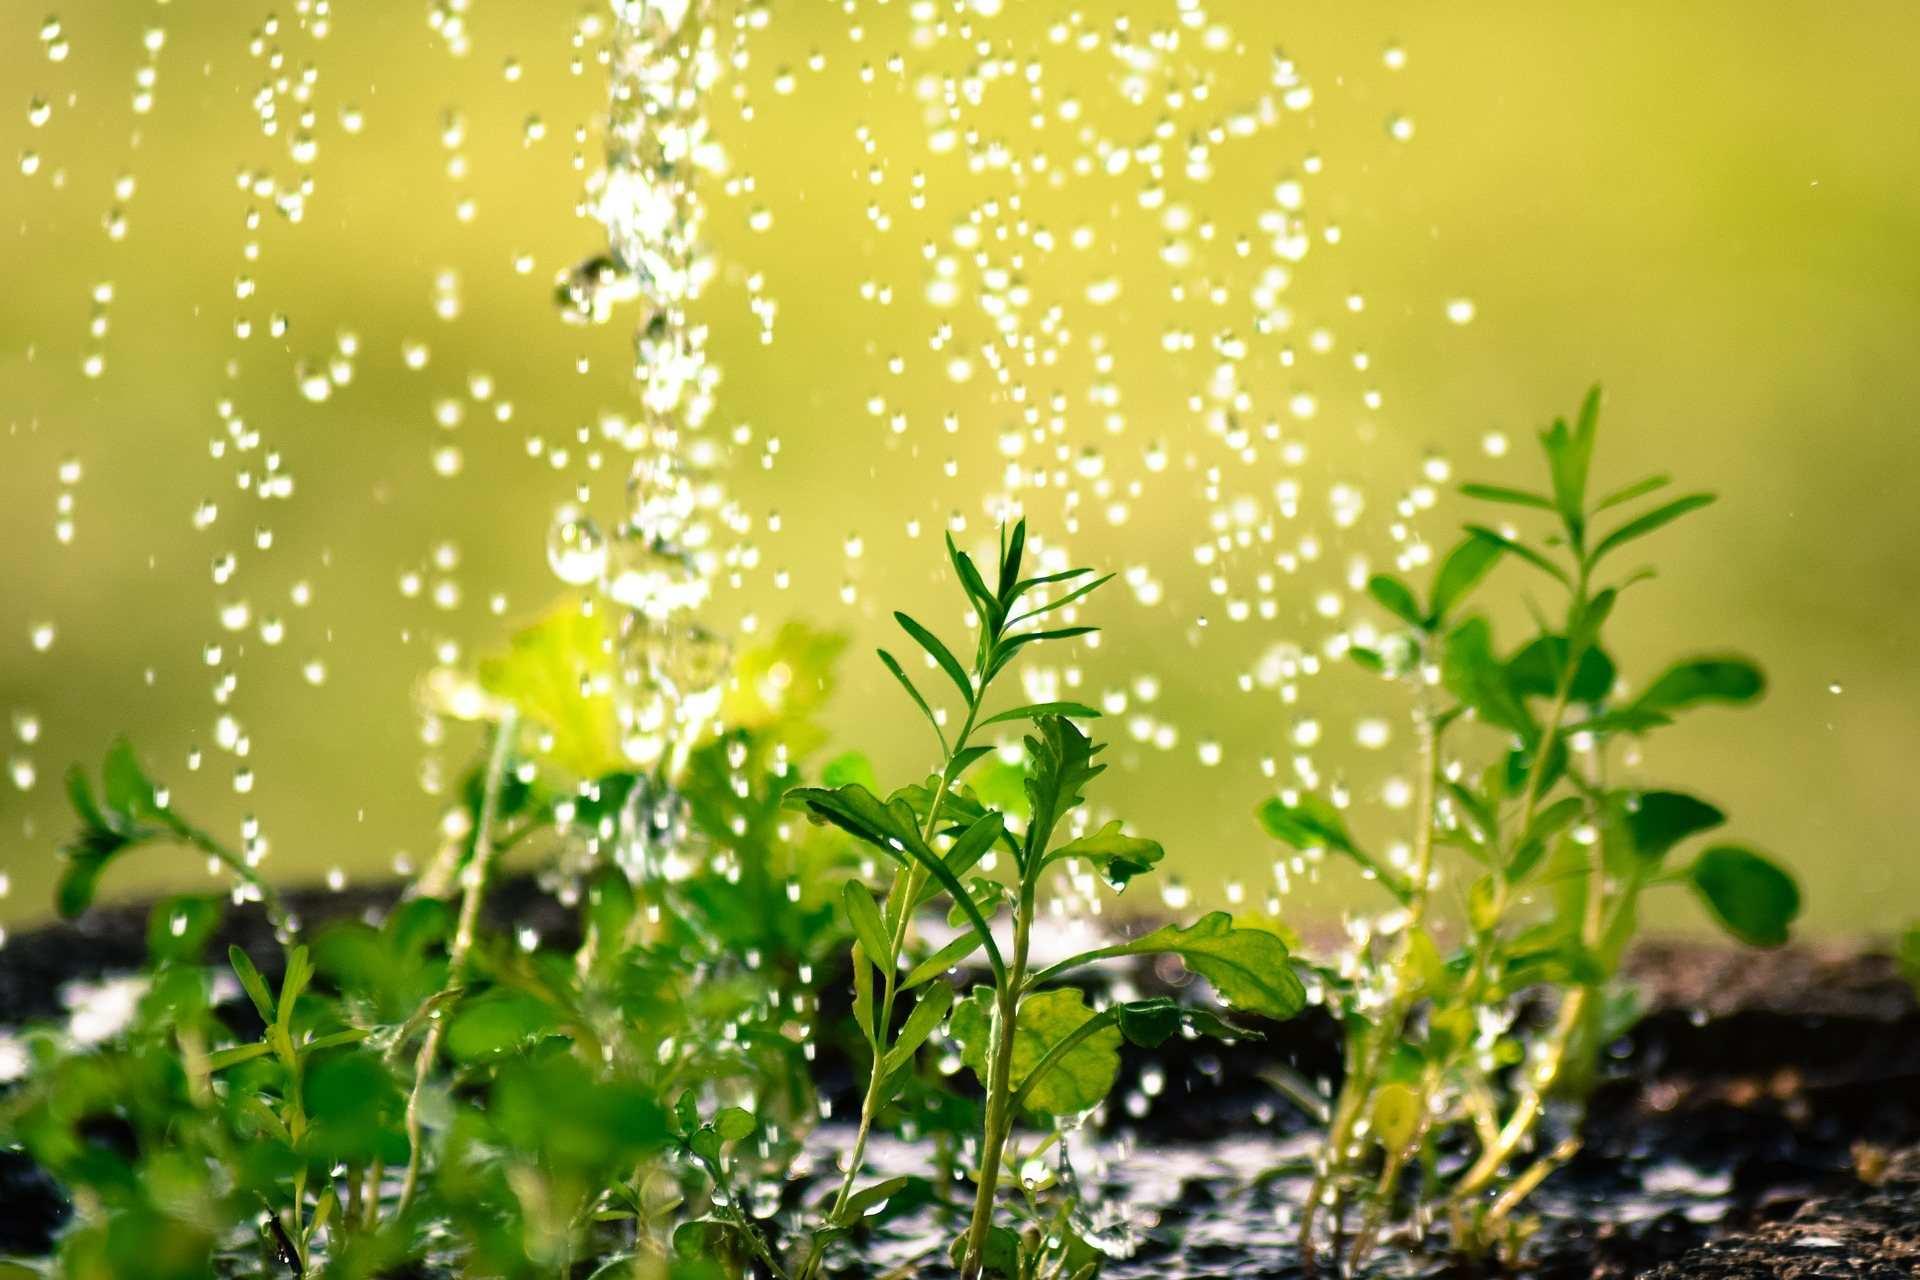 Актуально для Новороссийска: как спасать огород во время затяжных дождей?